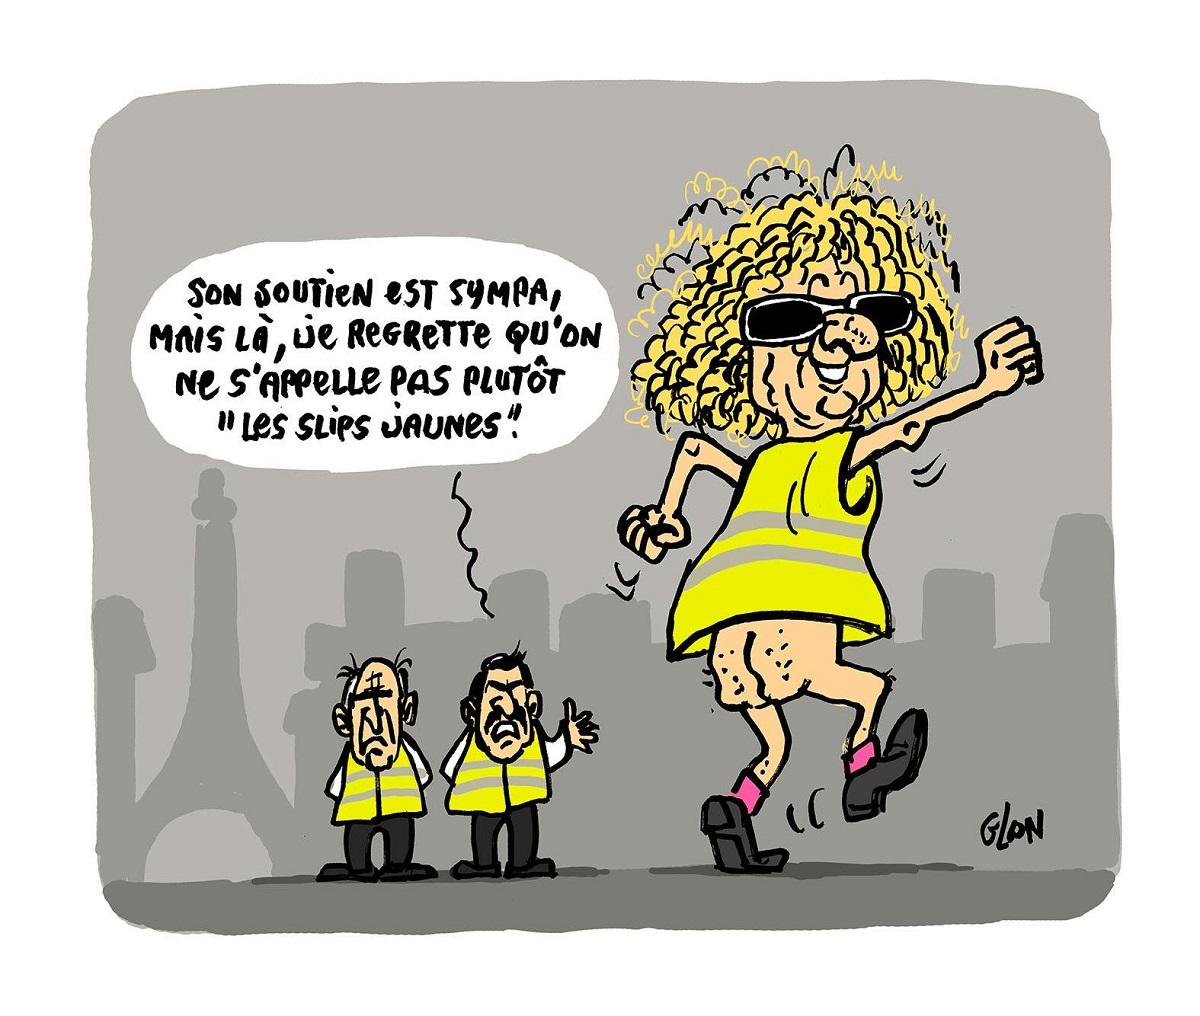 dessin d'actualité humoristique sur Michel Polnareff et son soutien au mouvement des gilets jaunes